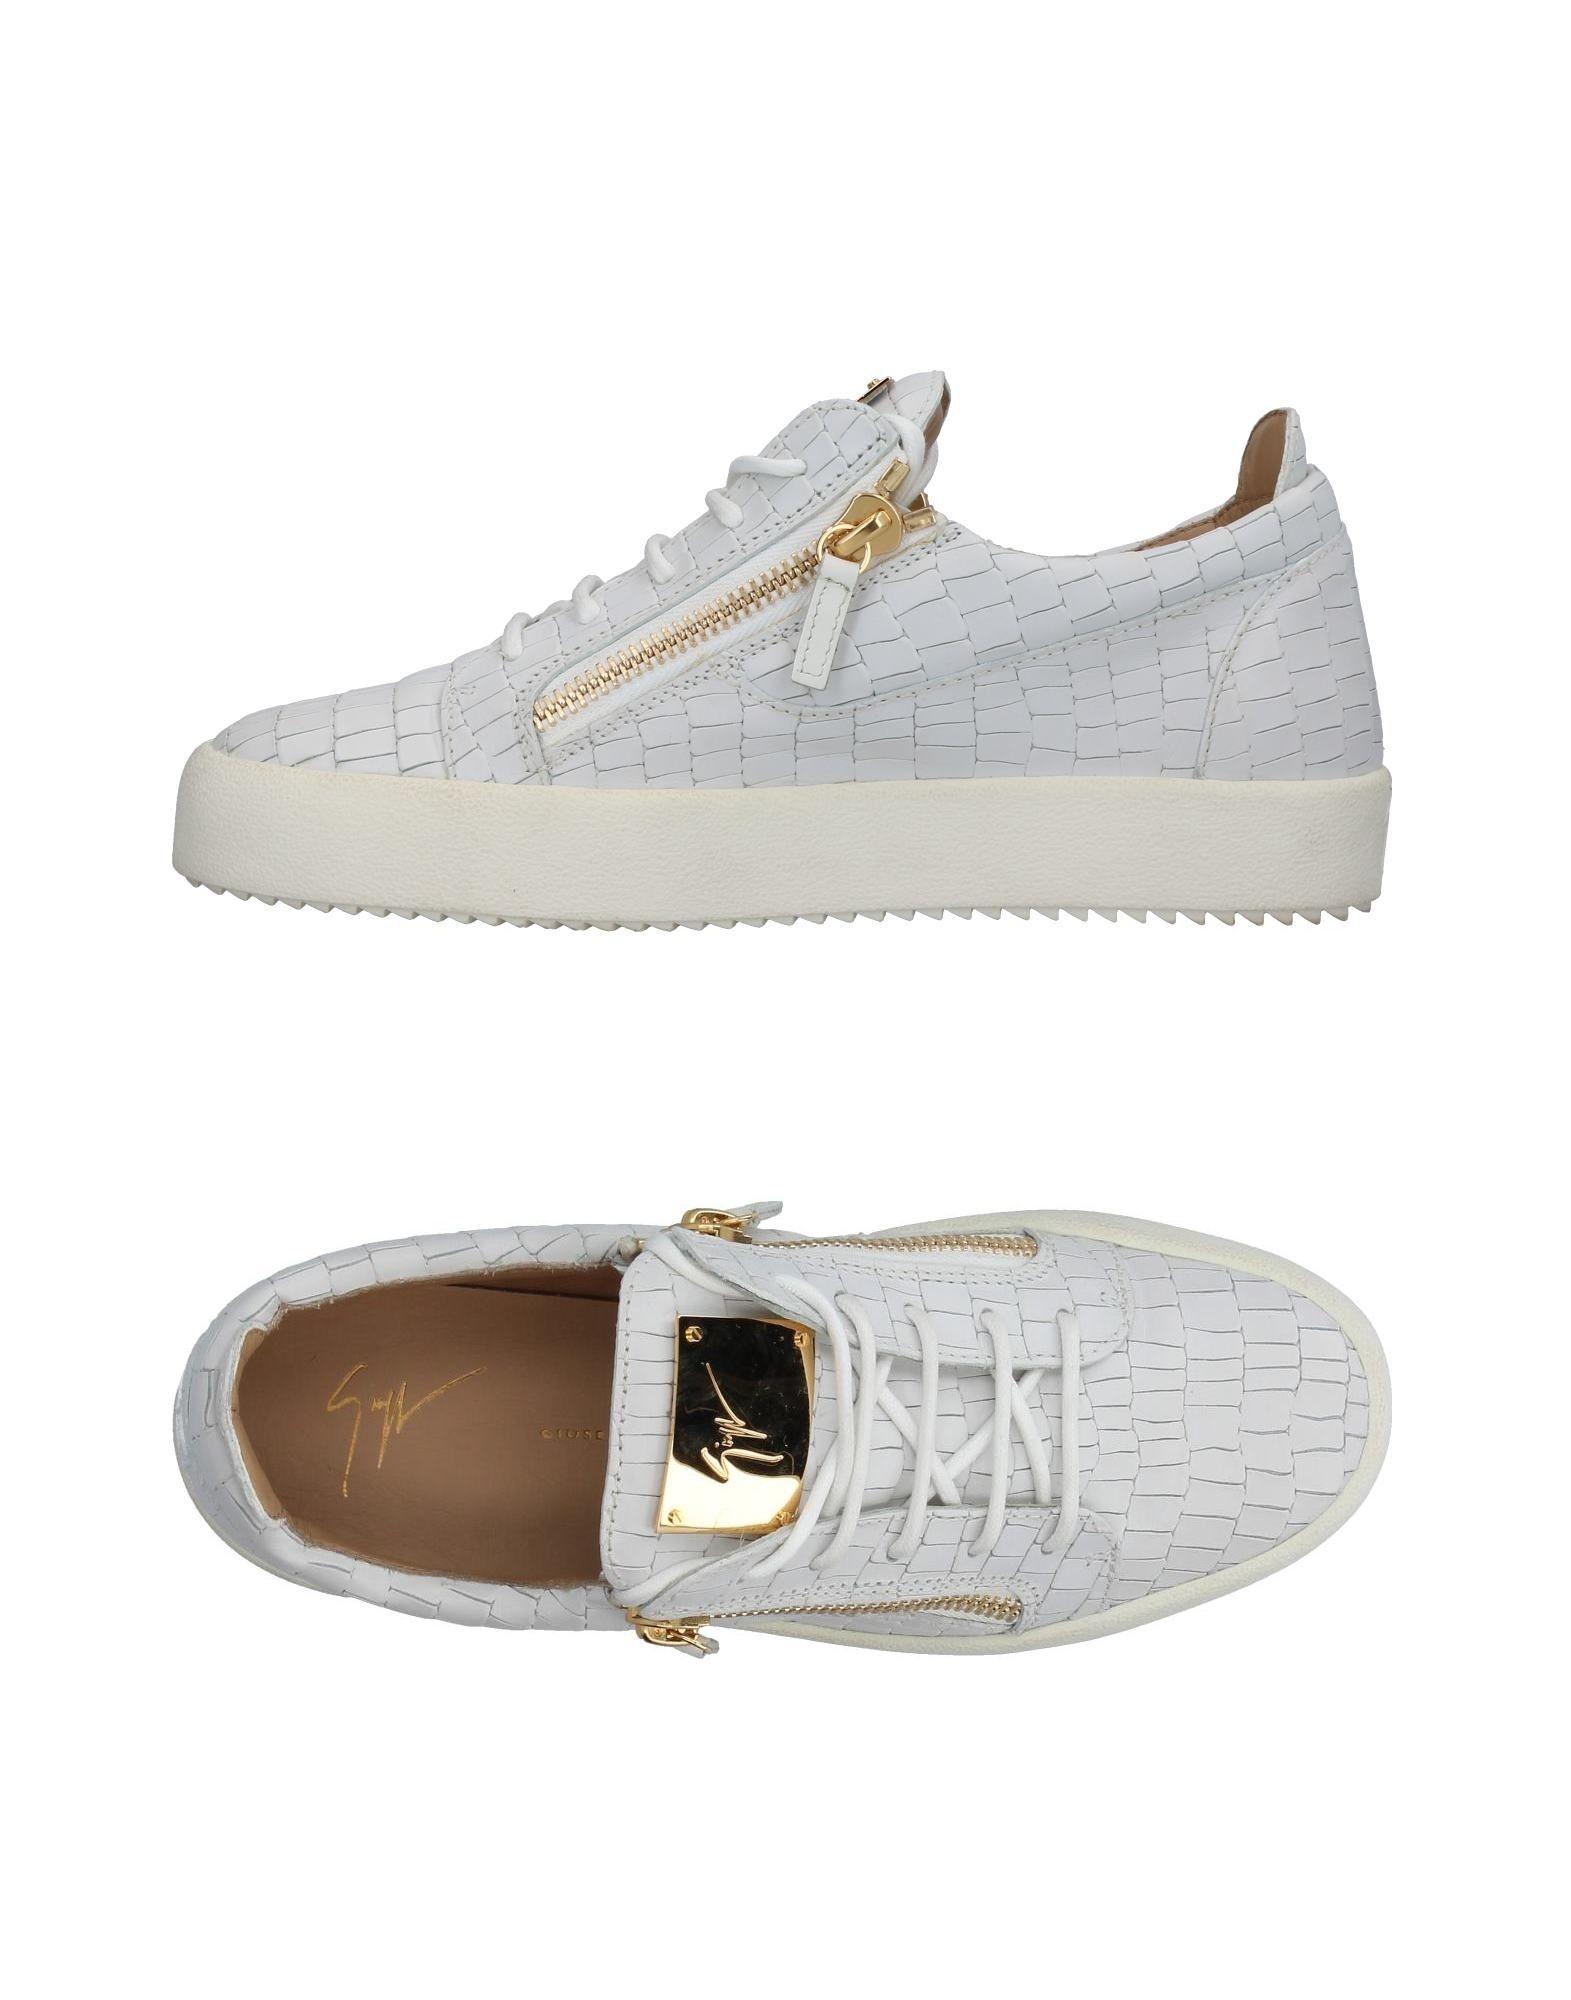 Sneakers Giuseppe Zanotti Homme - Sneakers Giuseppe Zanotti  Blanc Chaussures femme pas cher homme et femme